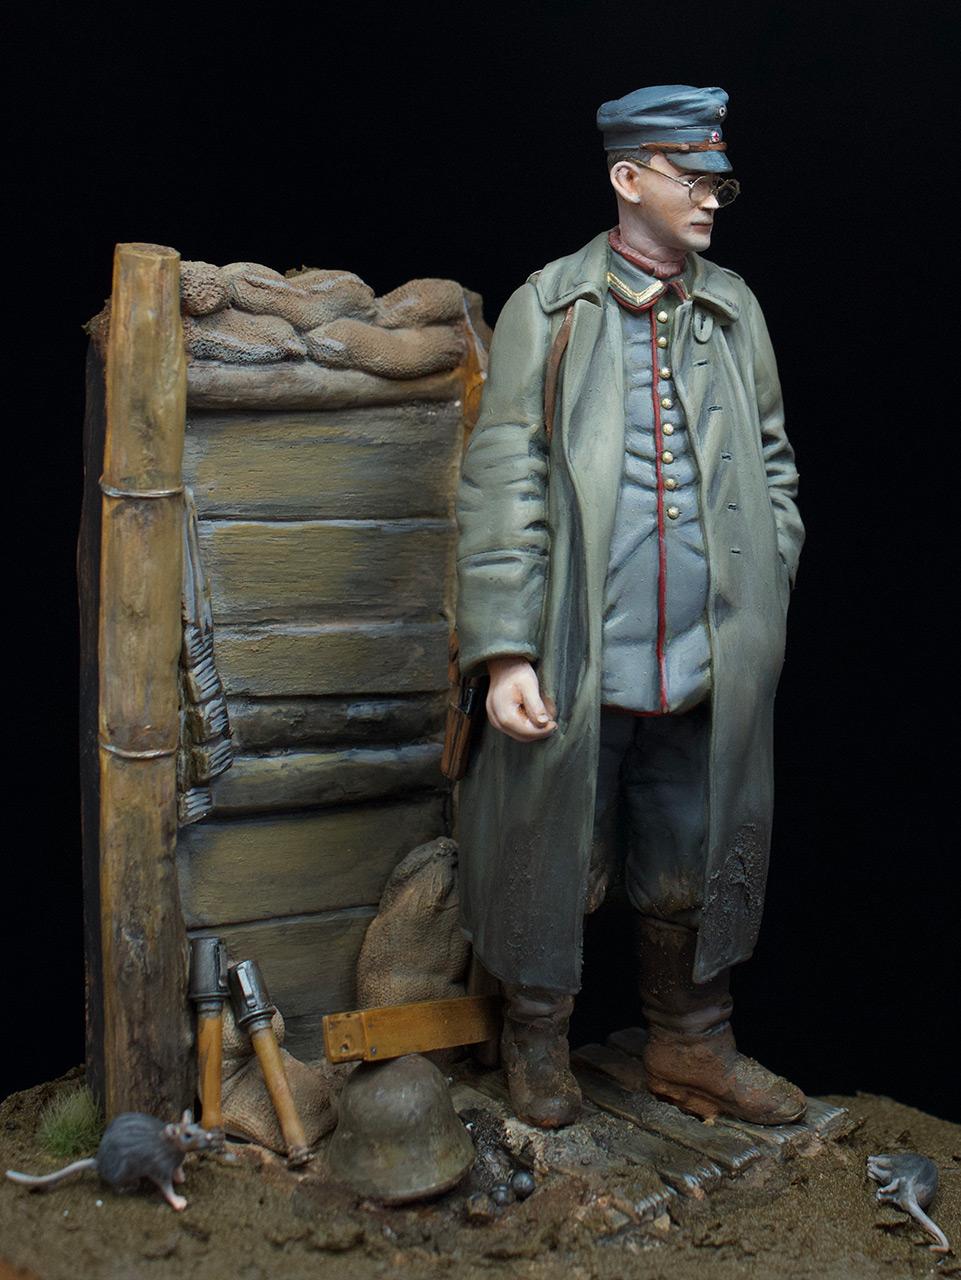 Фигурки: Гамбургский пехотный сержант, 1917 год, фото #3